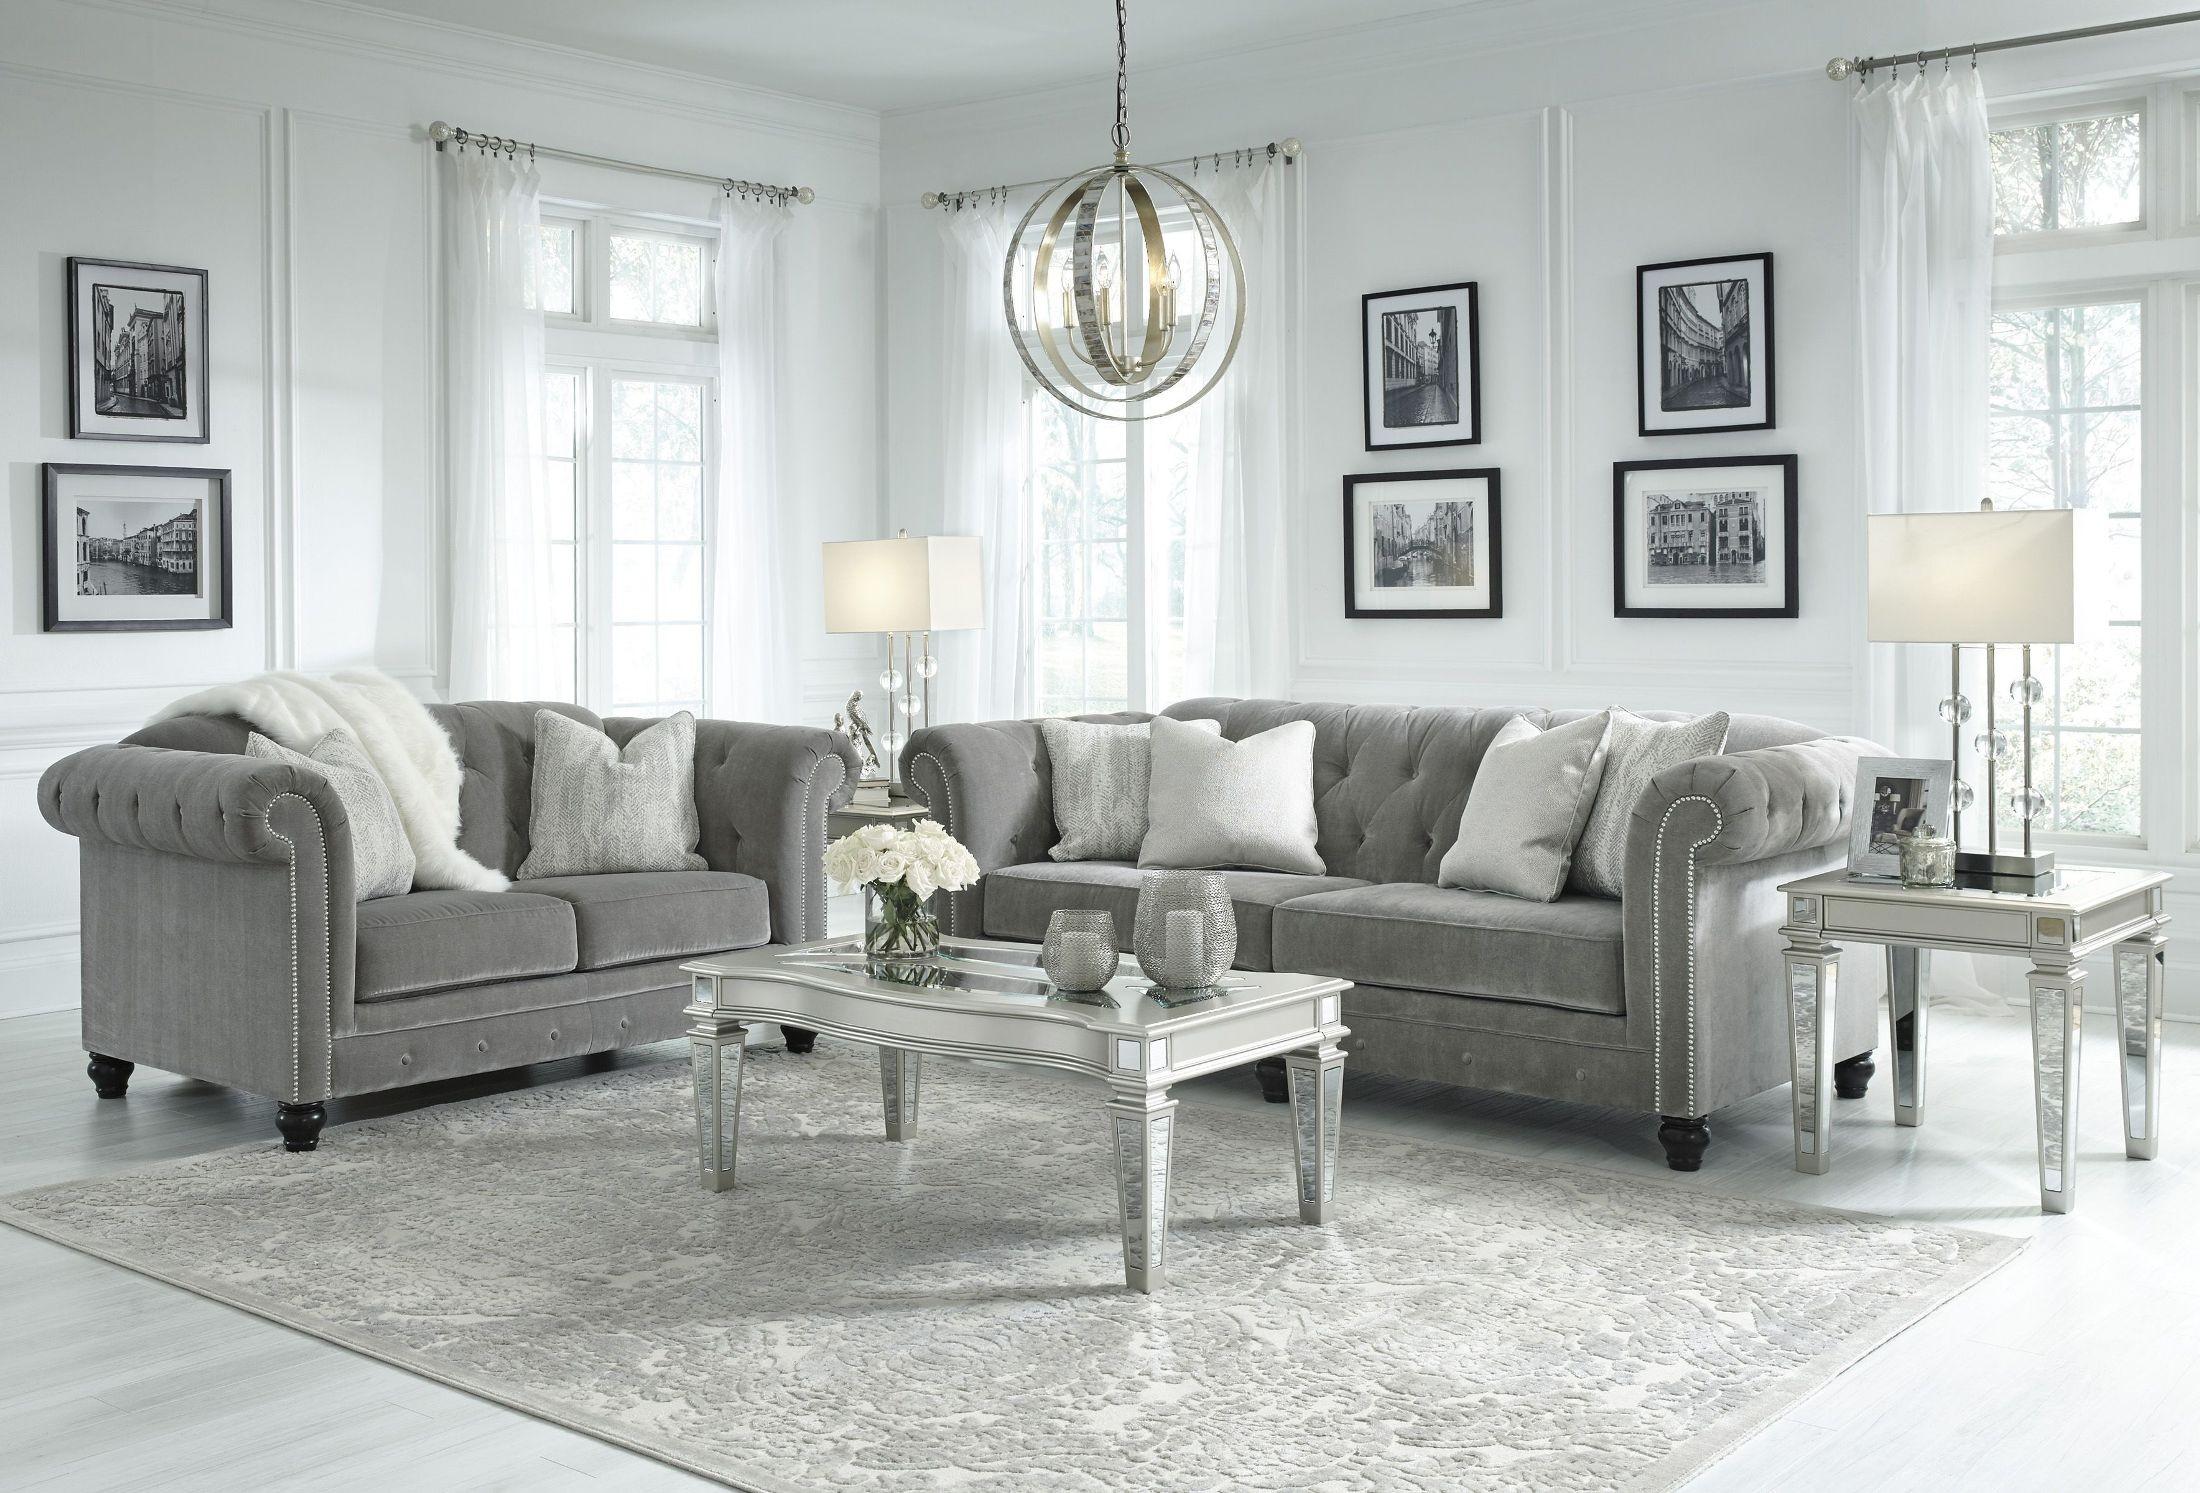 Small Living Room Setup